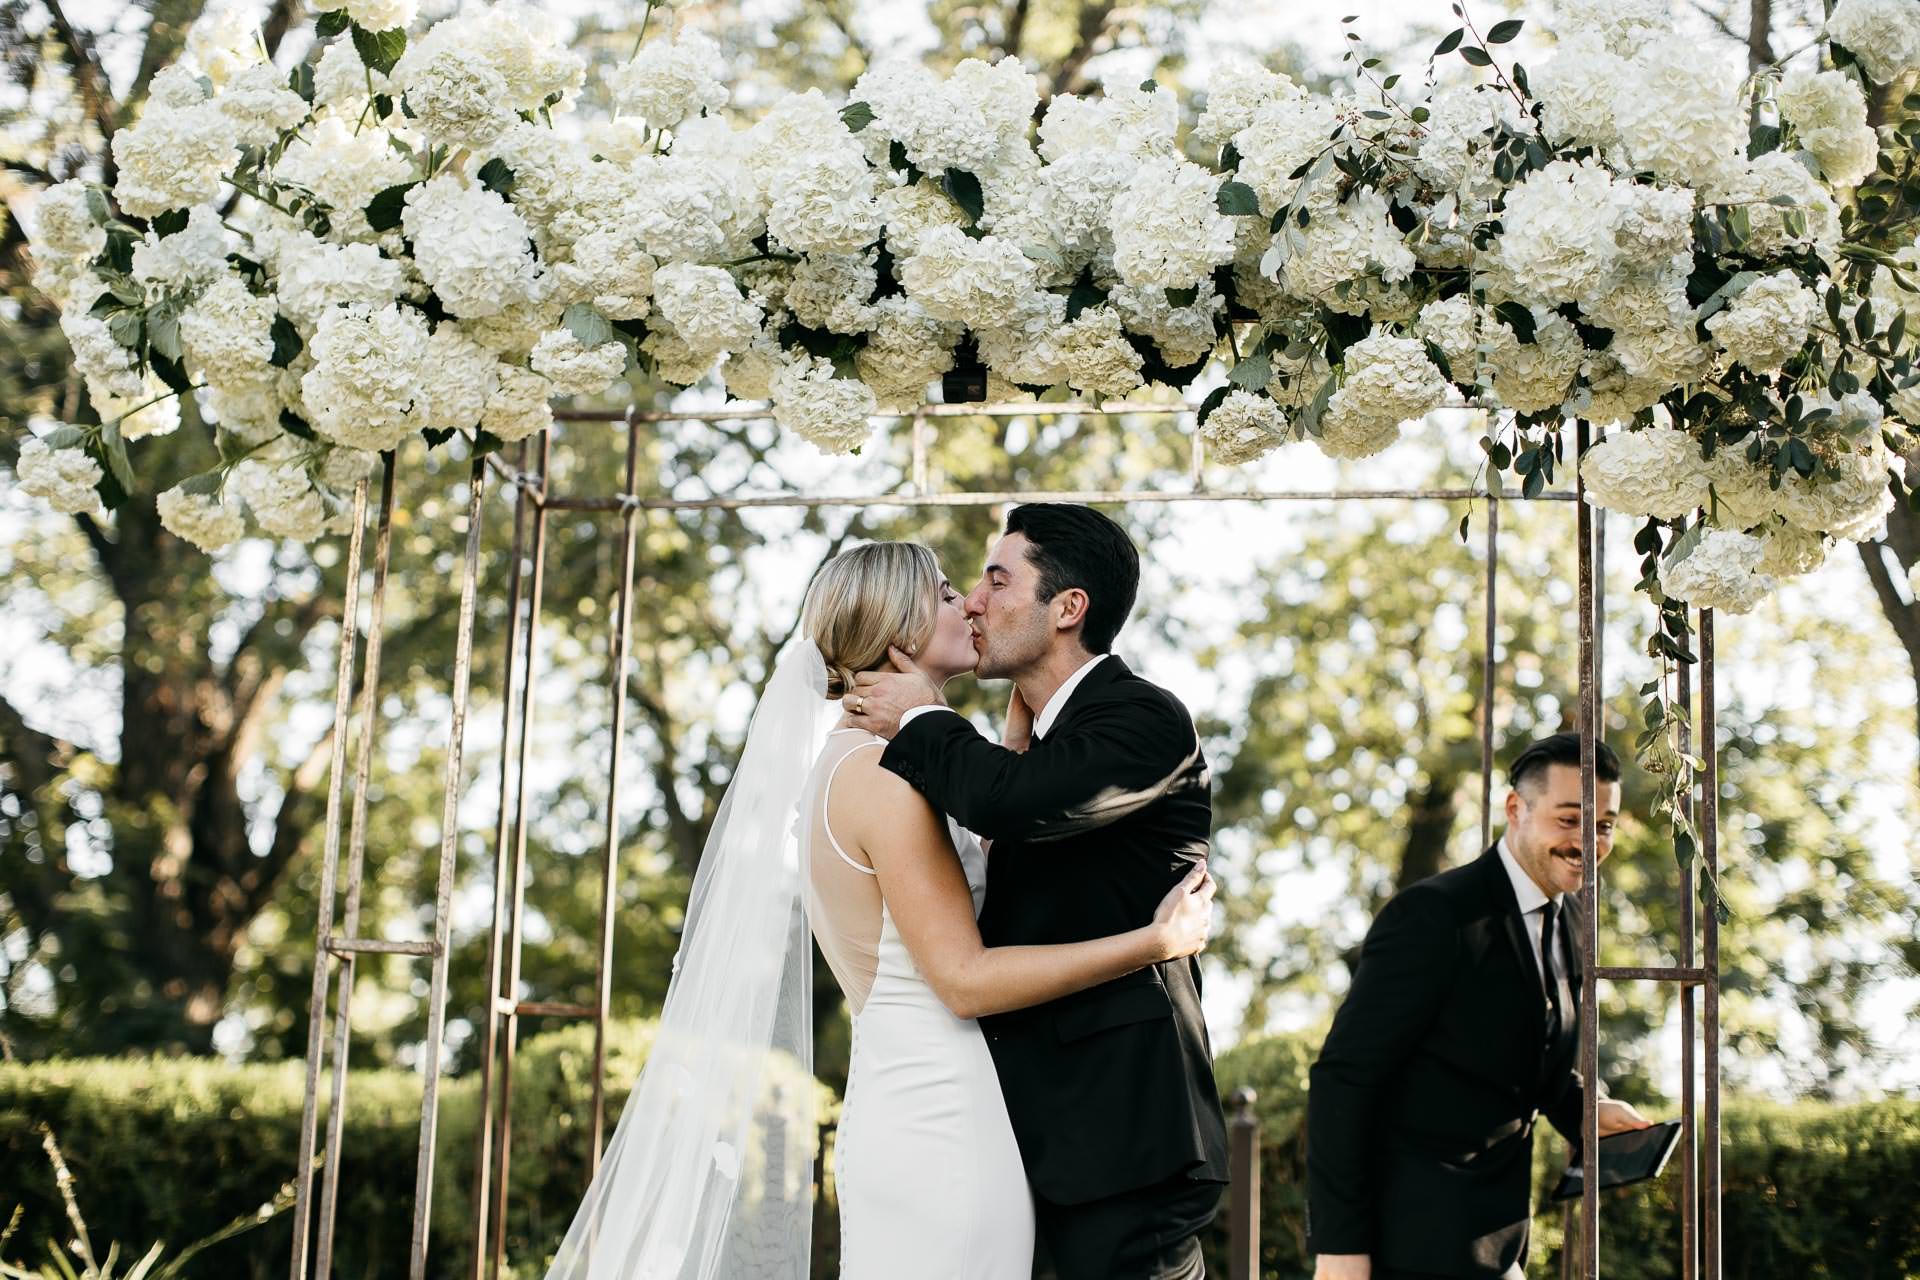 lauren_graham_wedding_california_park_winters_jeanlaurentgaudy_054